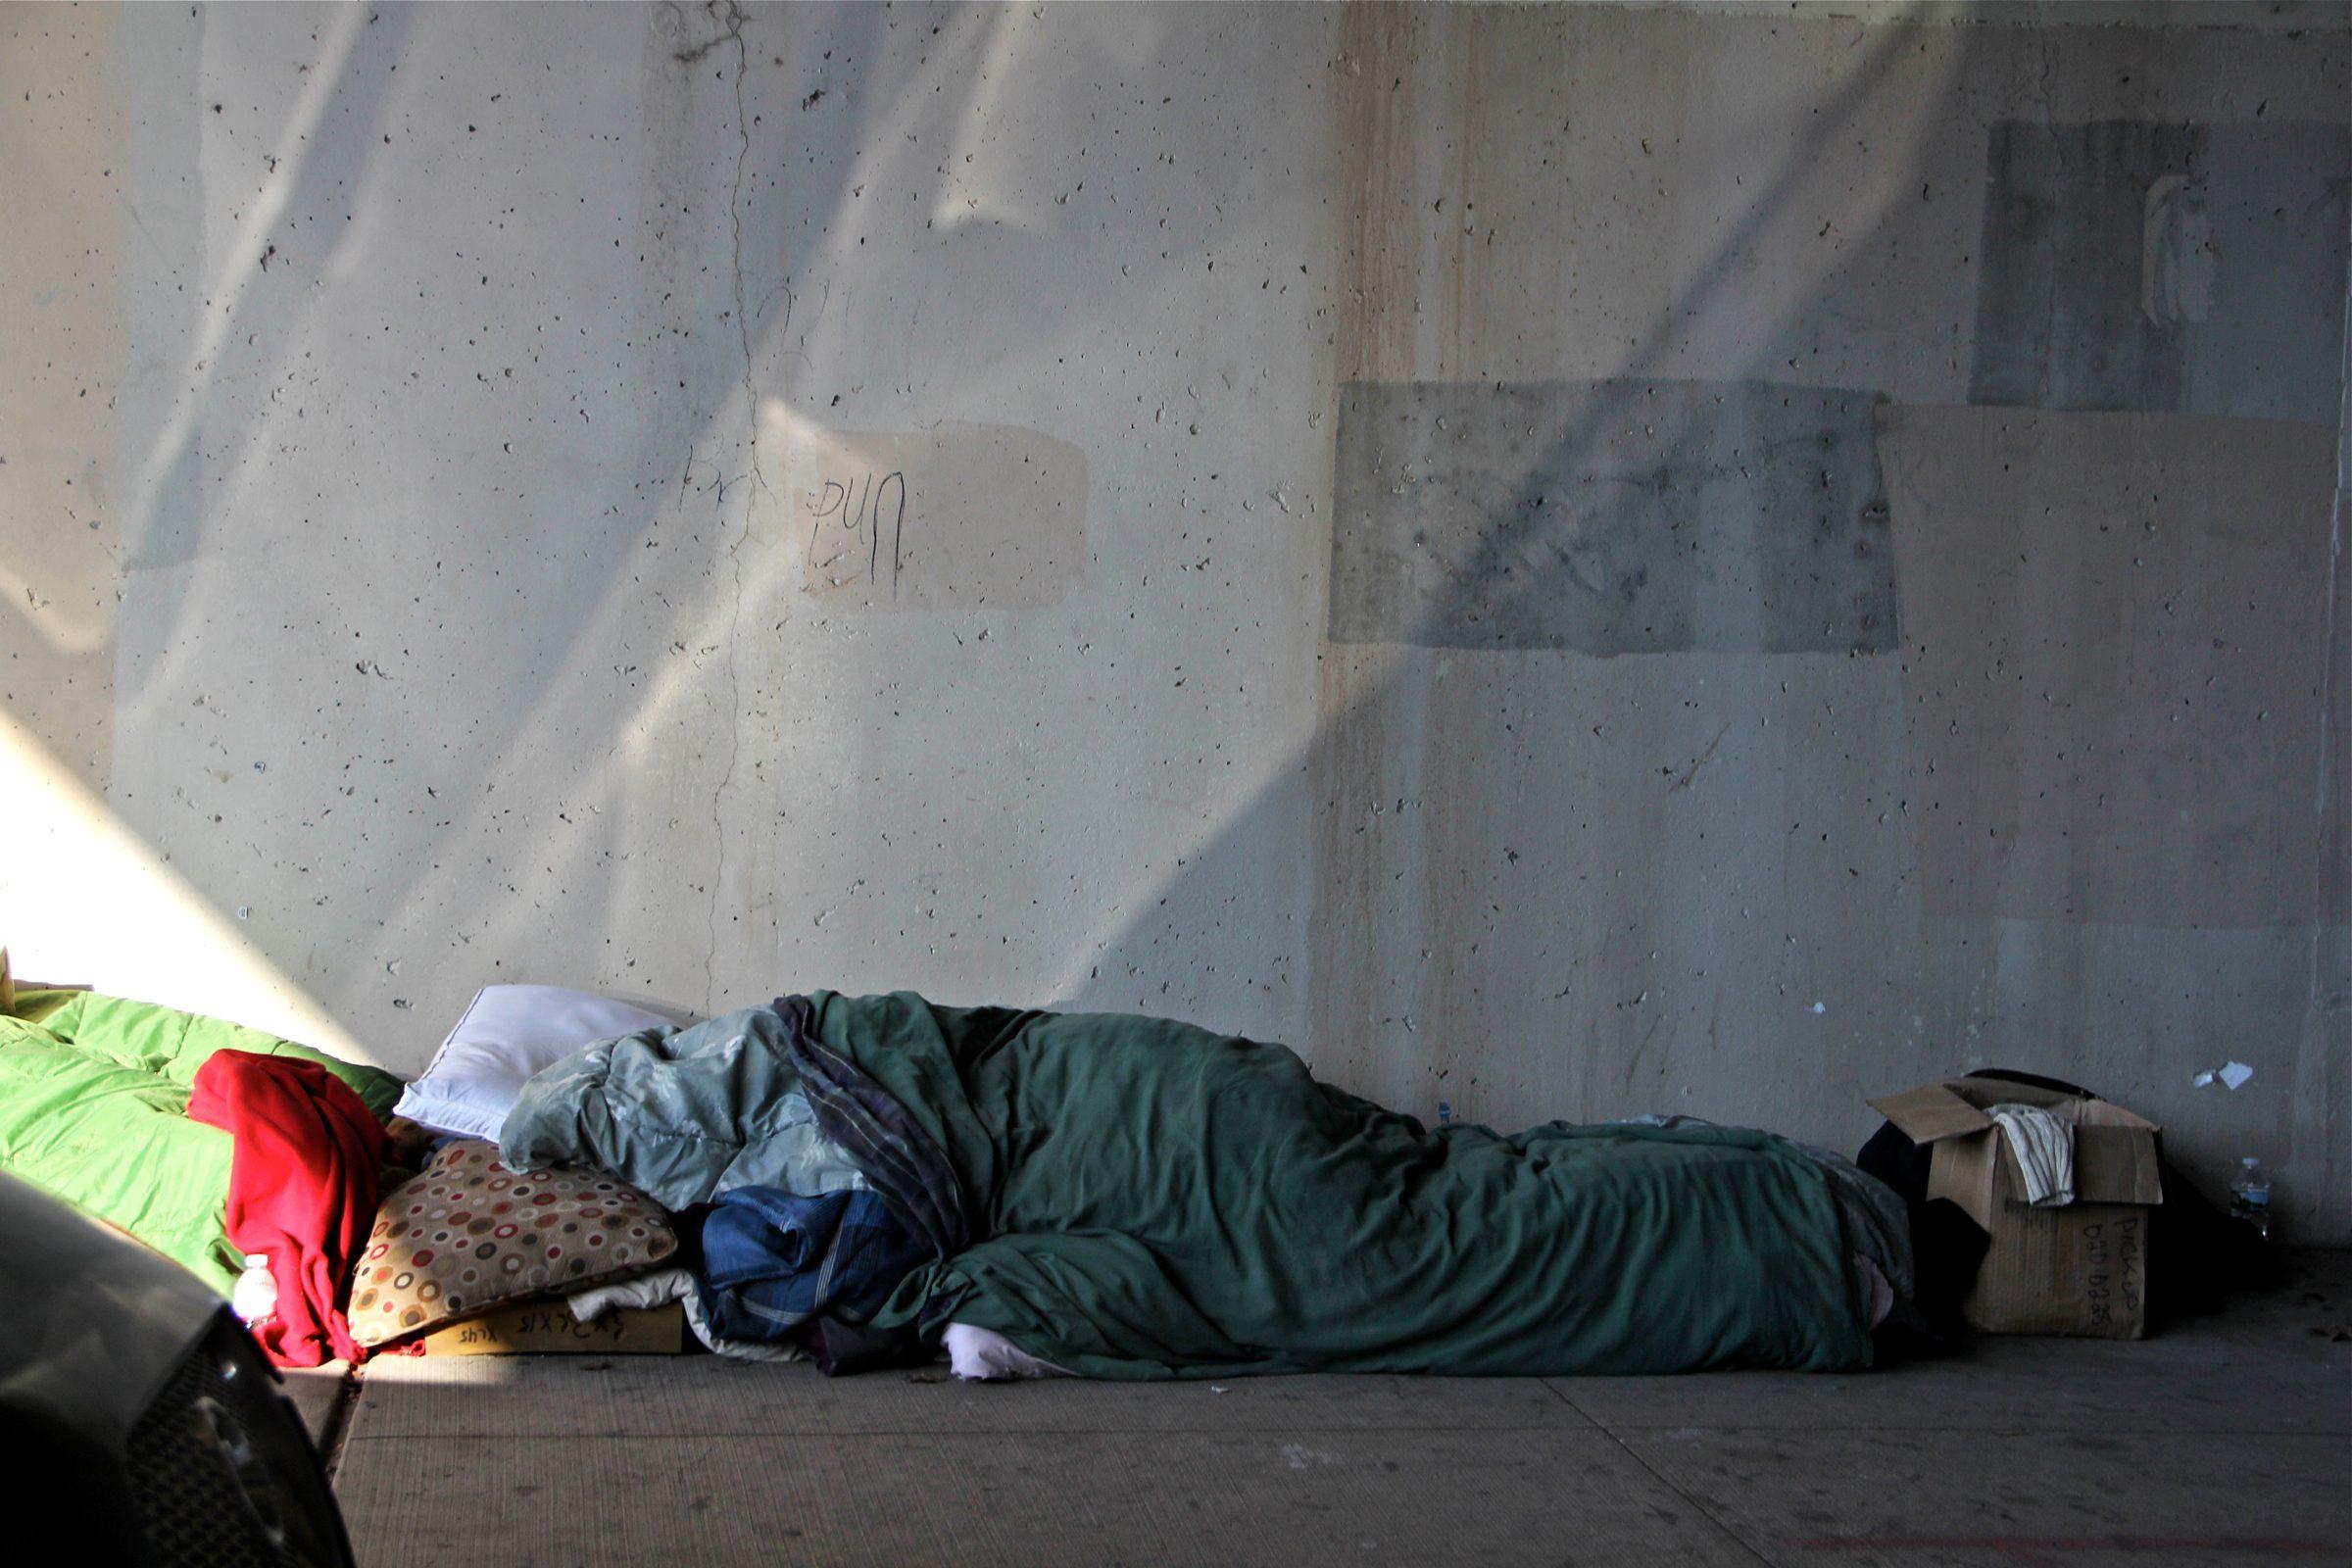 with  u0026 39 housing first u0026 39  initiative  n j  cuts homeless rate